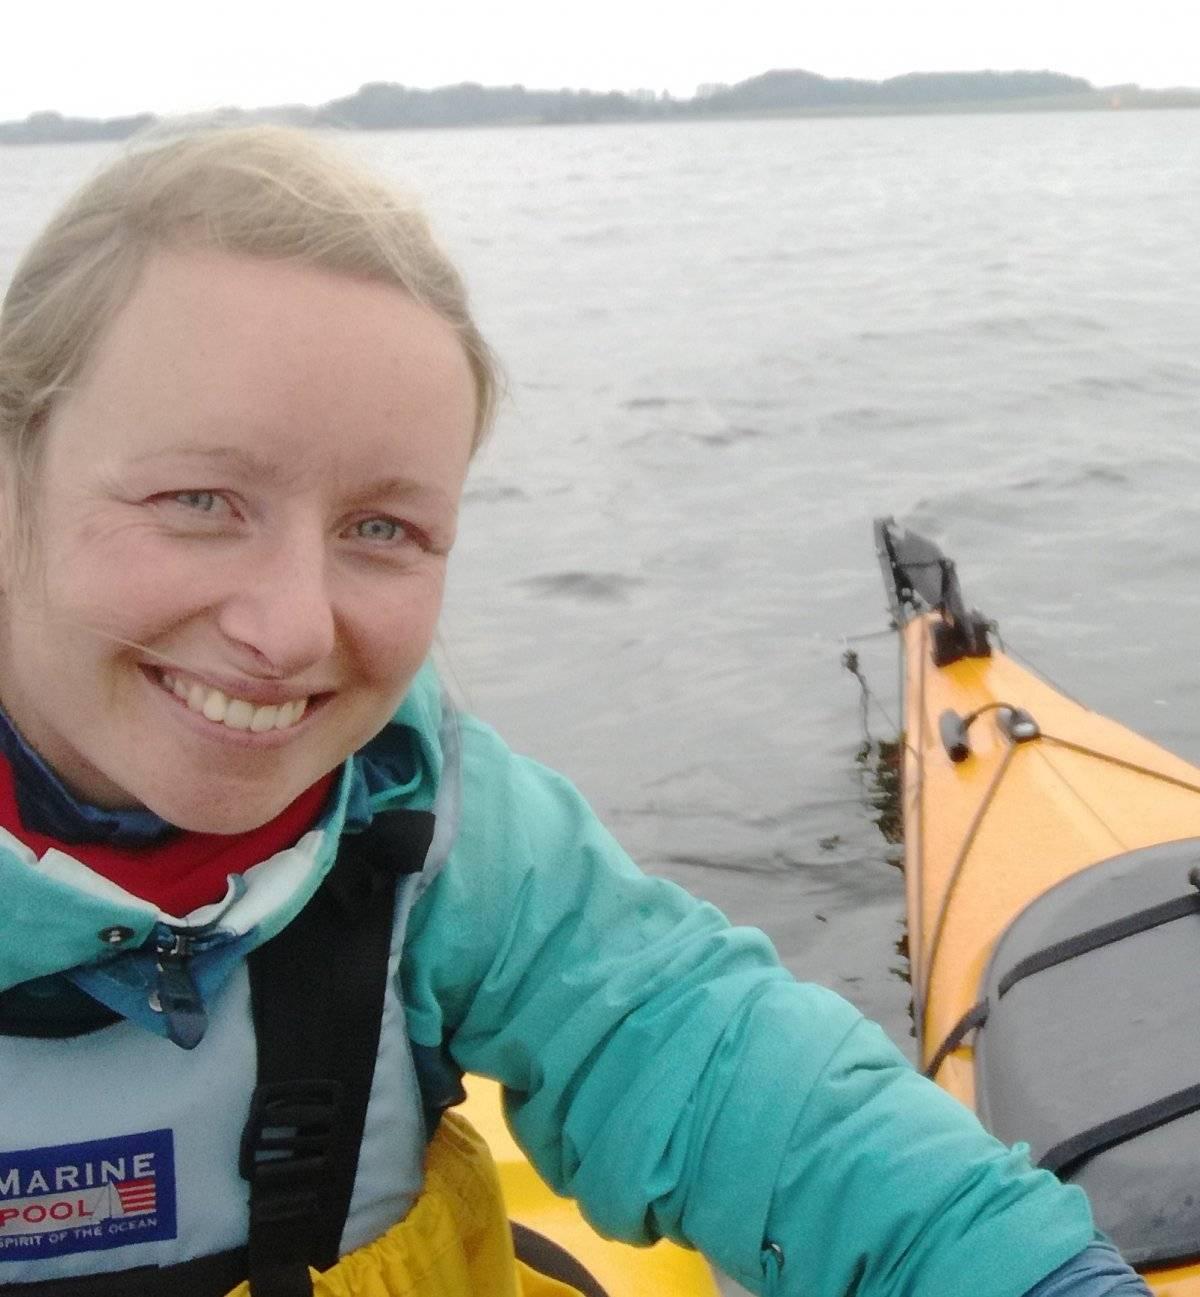 Lena Reimann Investigadora en el departamento de geografía de la Universidad de Kiel, Alemania.